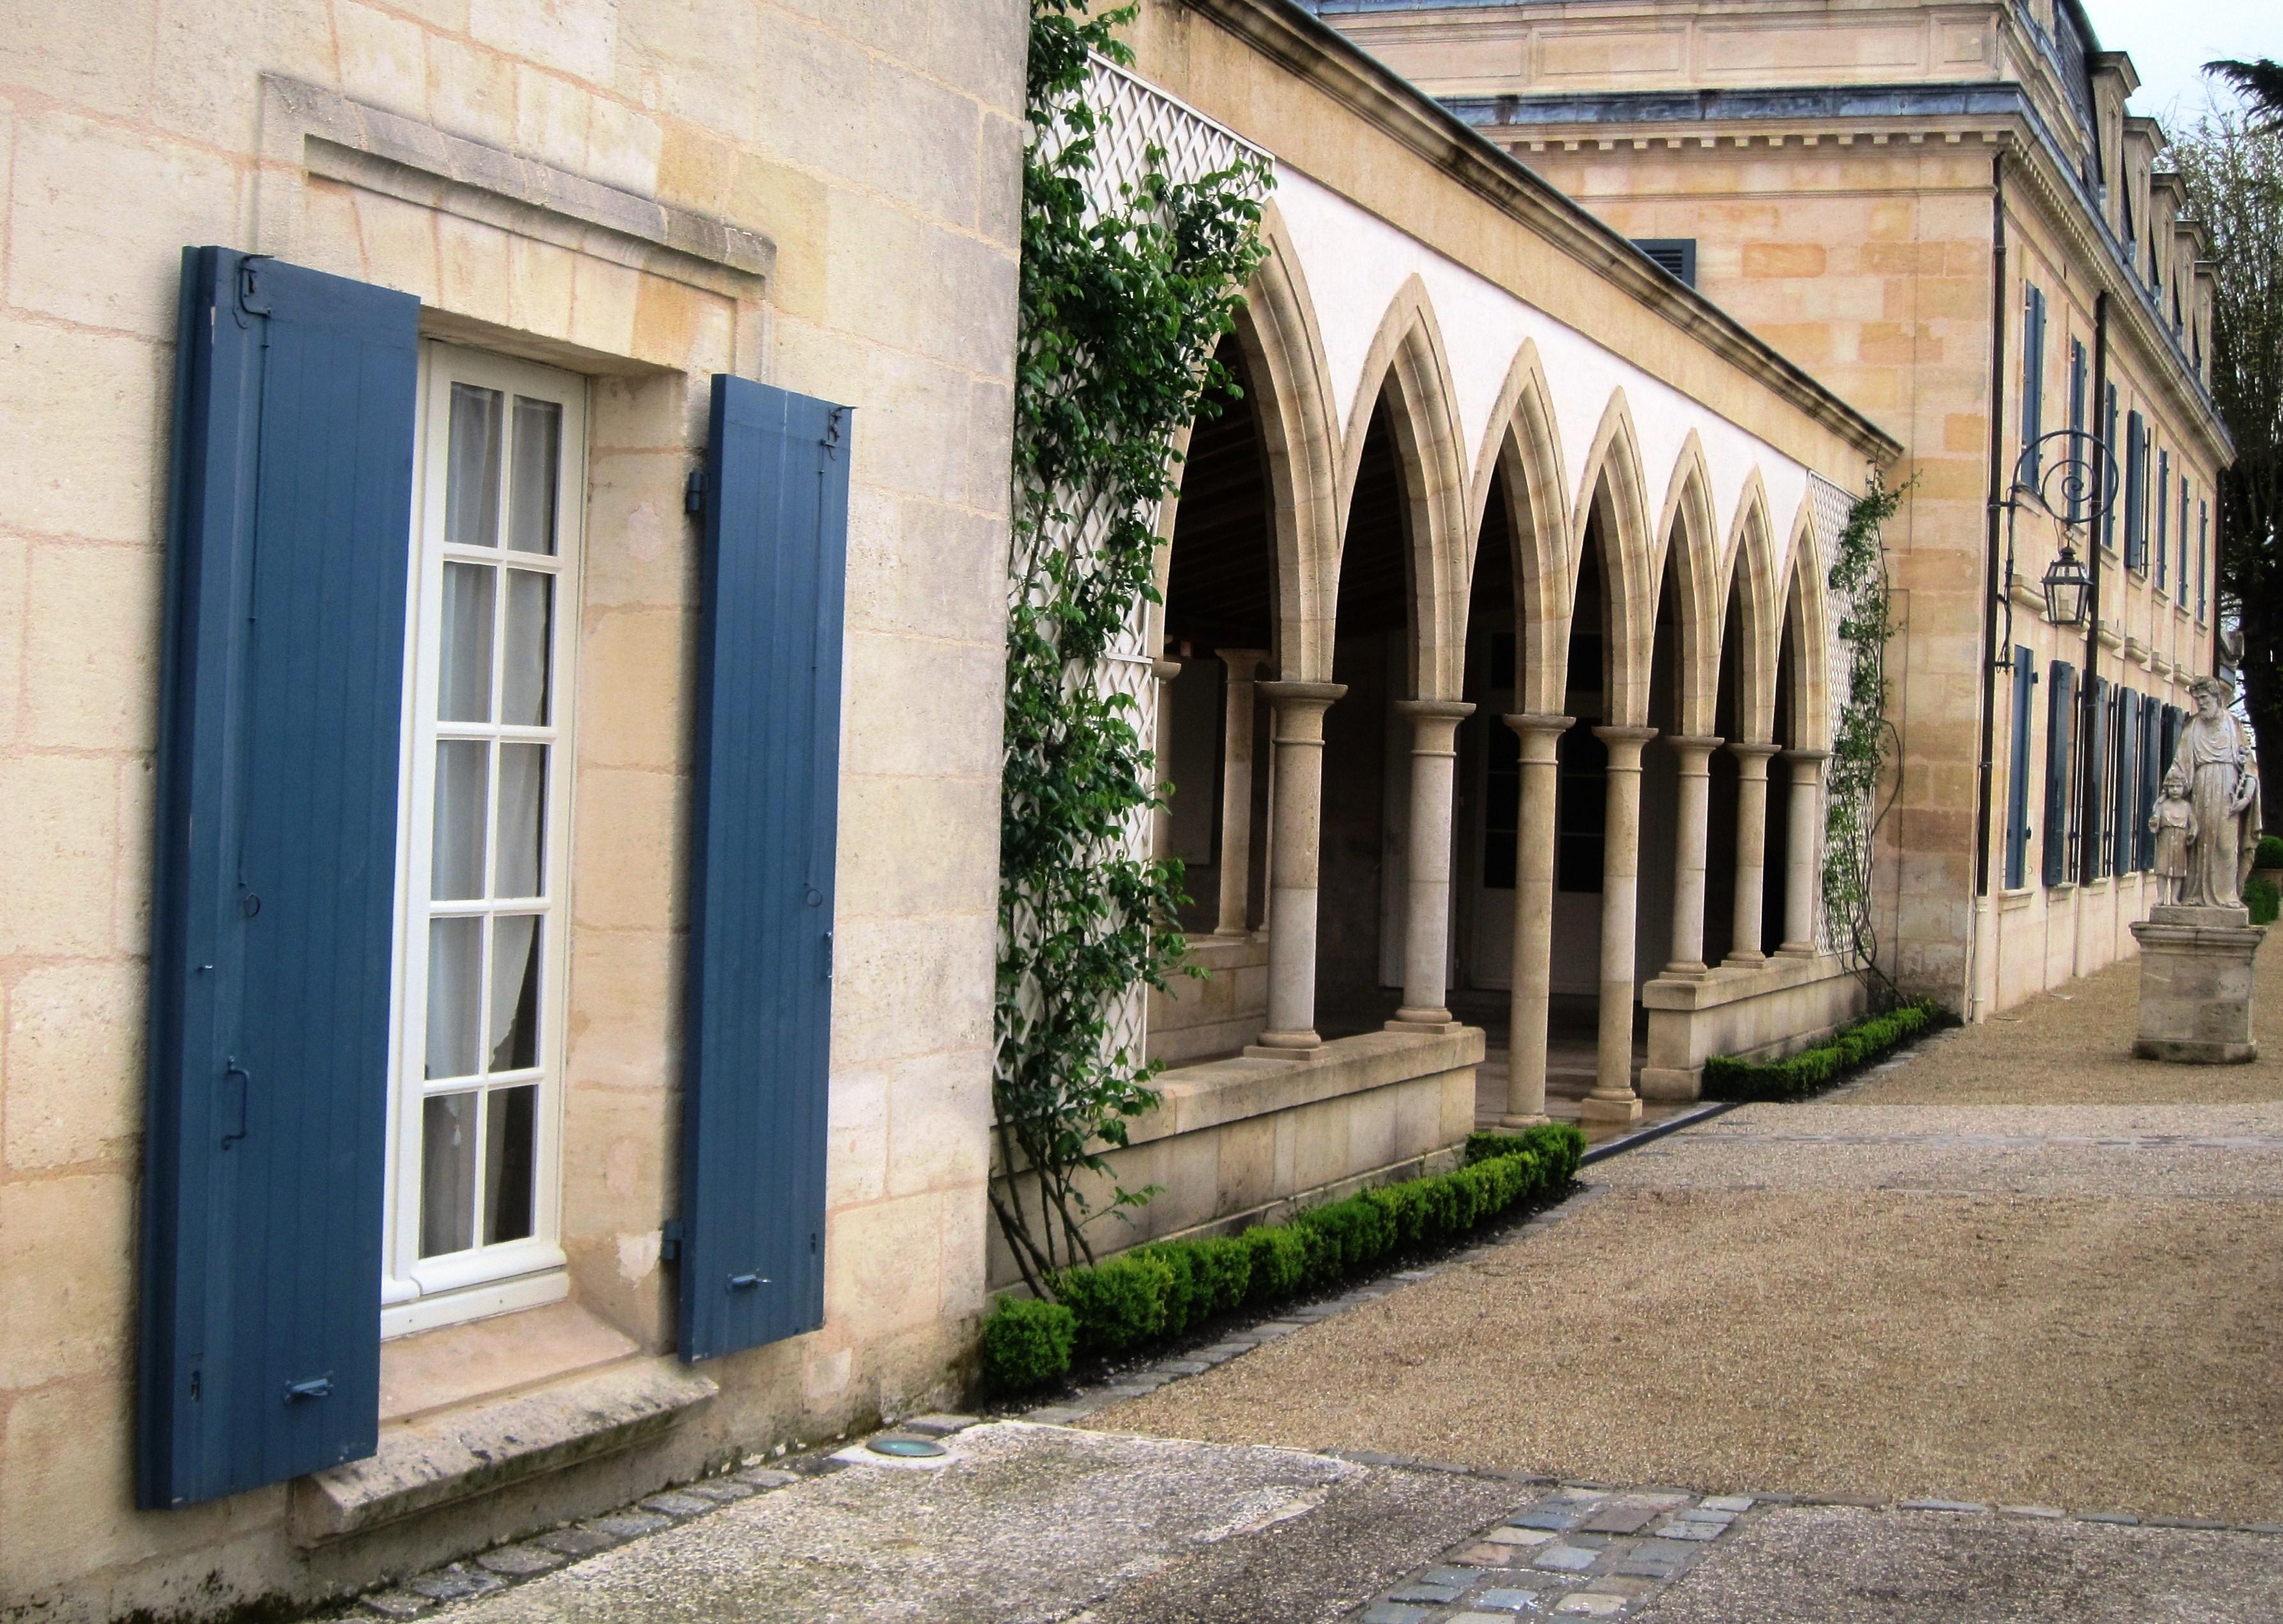 Chateau La Mission Haut-Brion  2010 Bordeaux Red Blends Wine Red Blends Wine